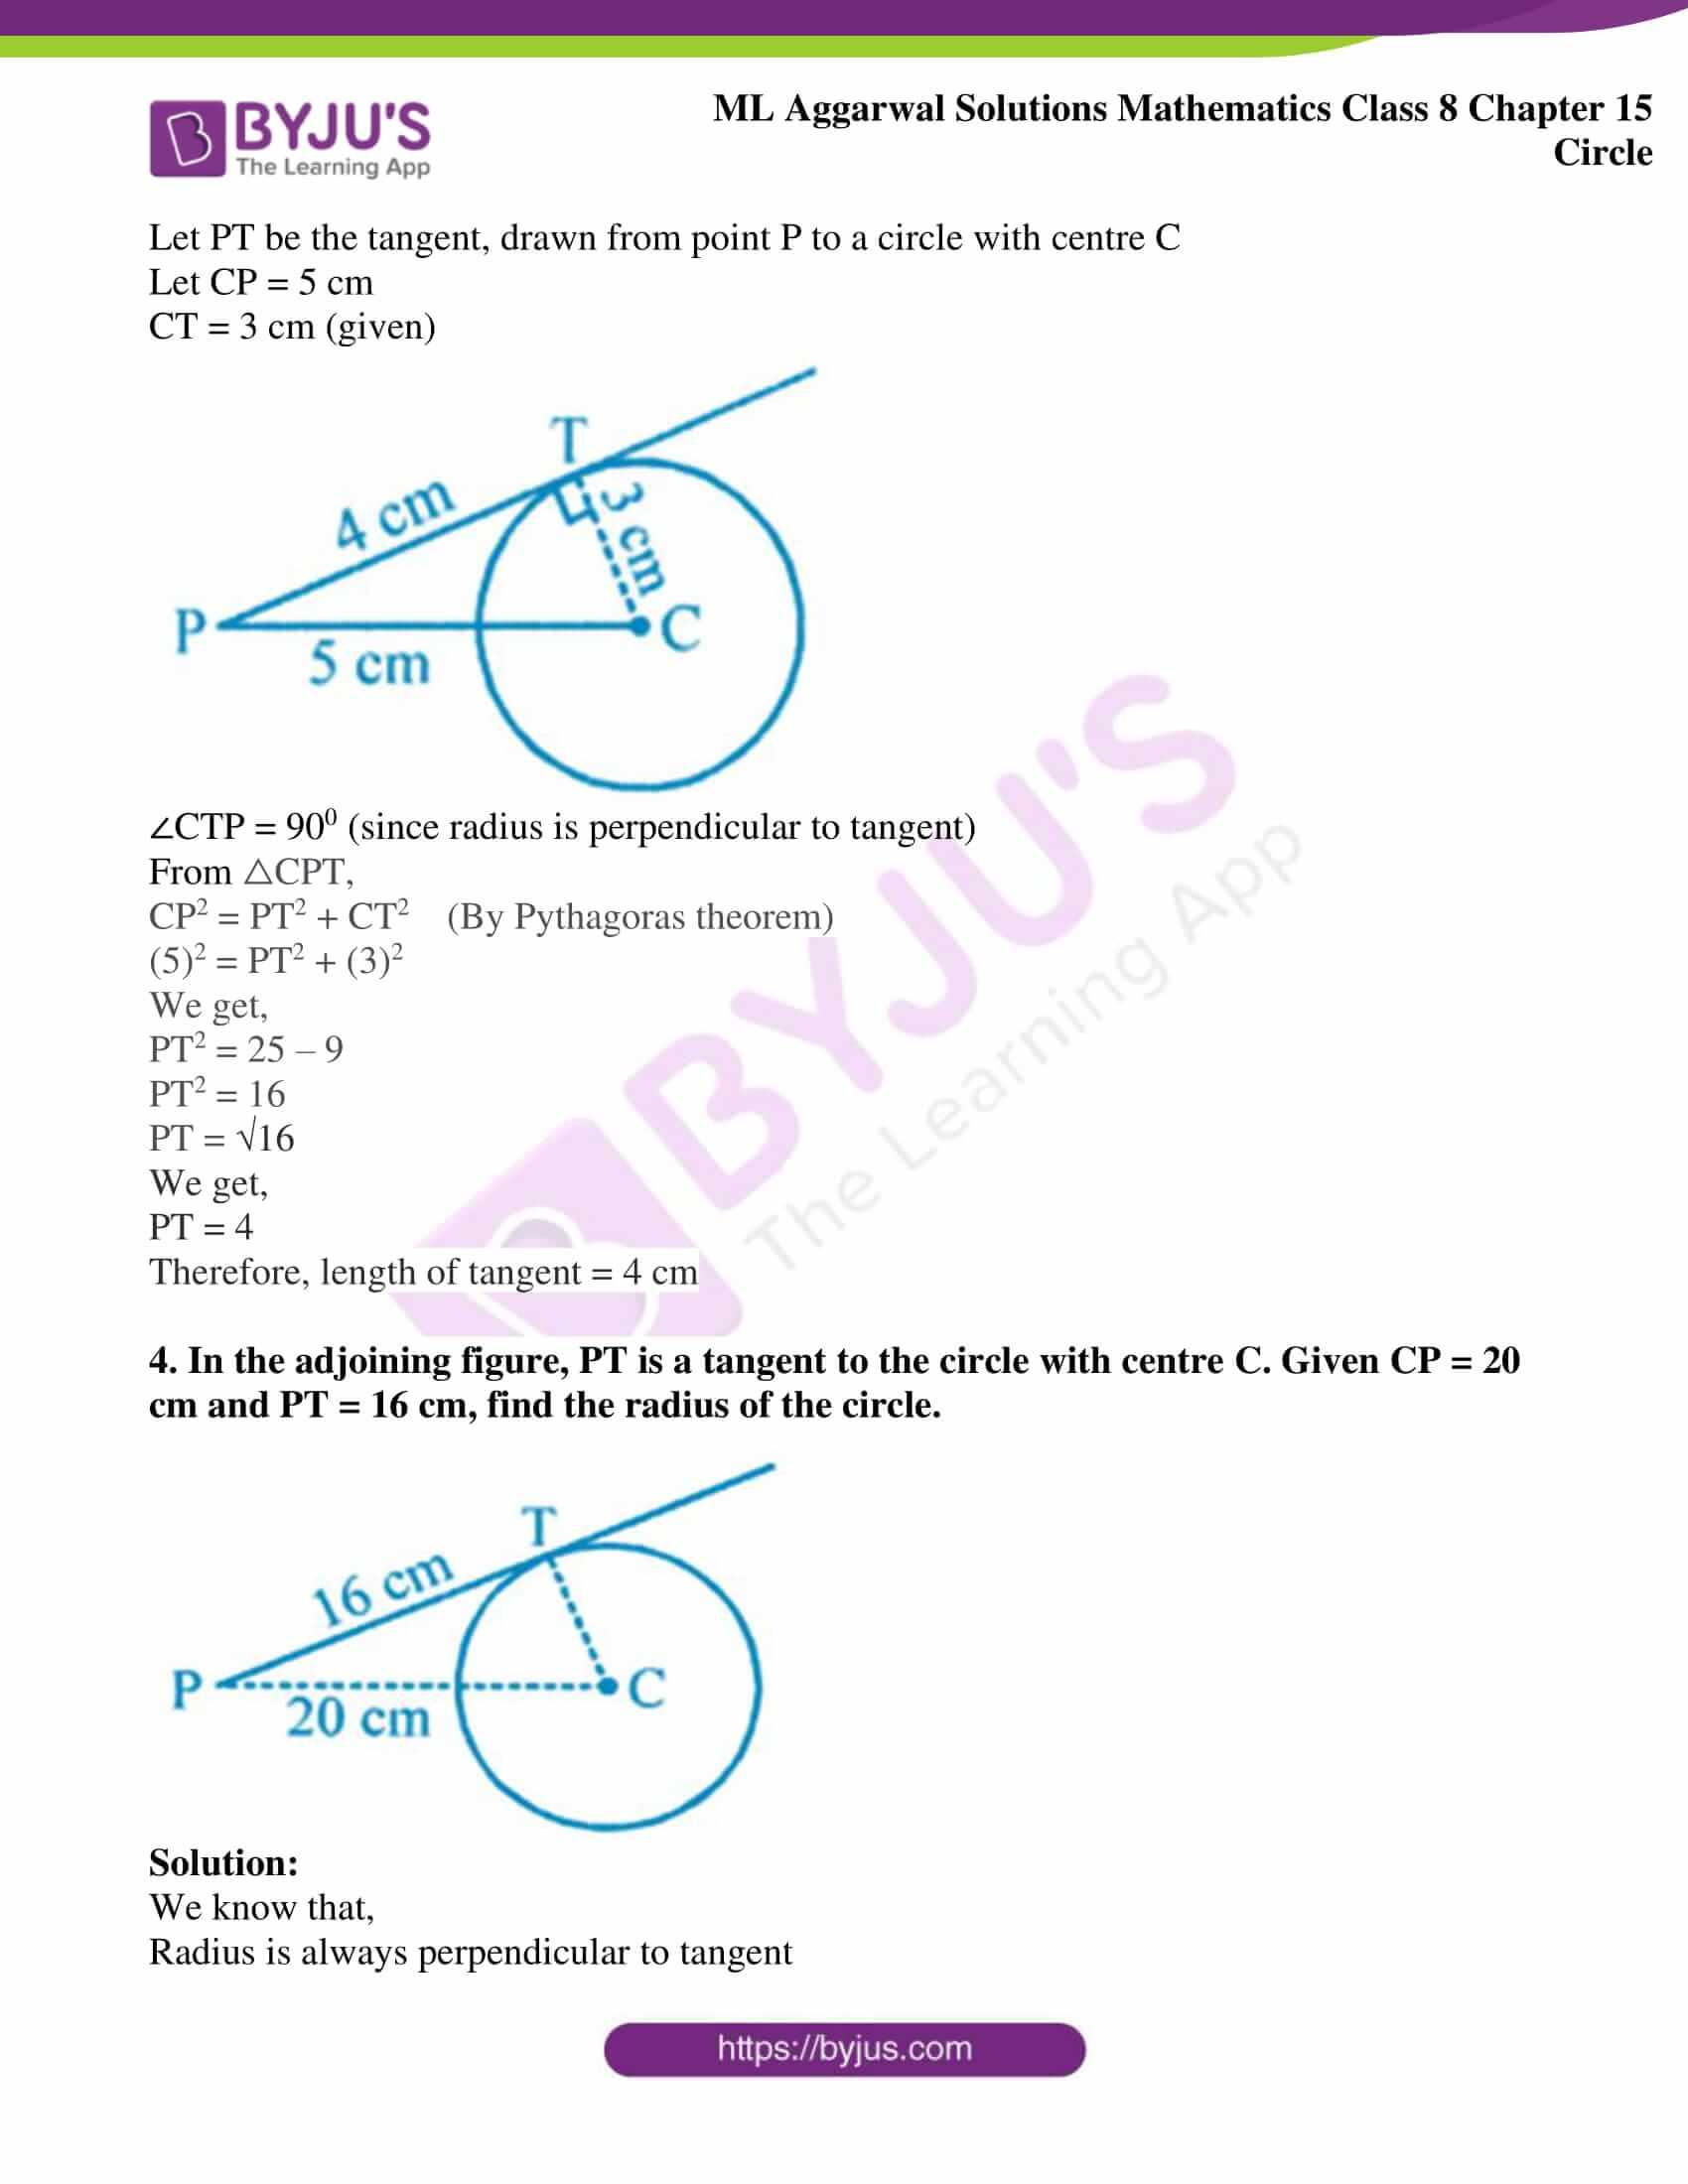 ml aggarwal sol mathematics class 8 ch 15 02